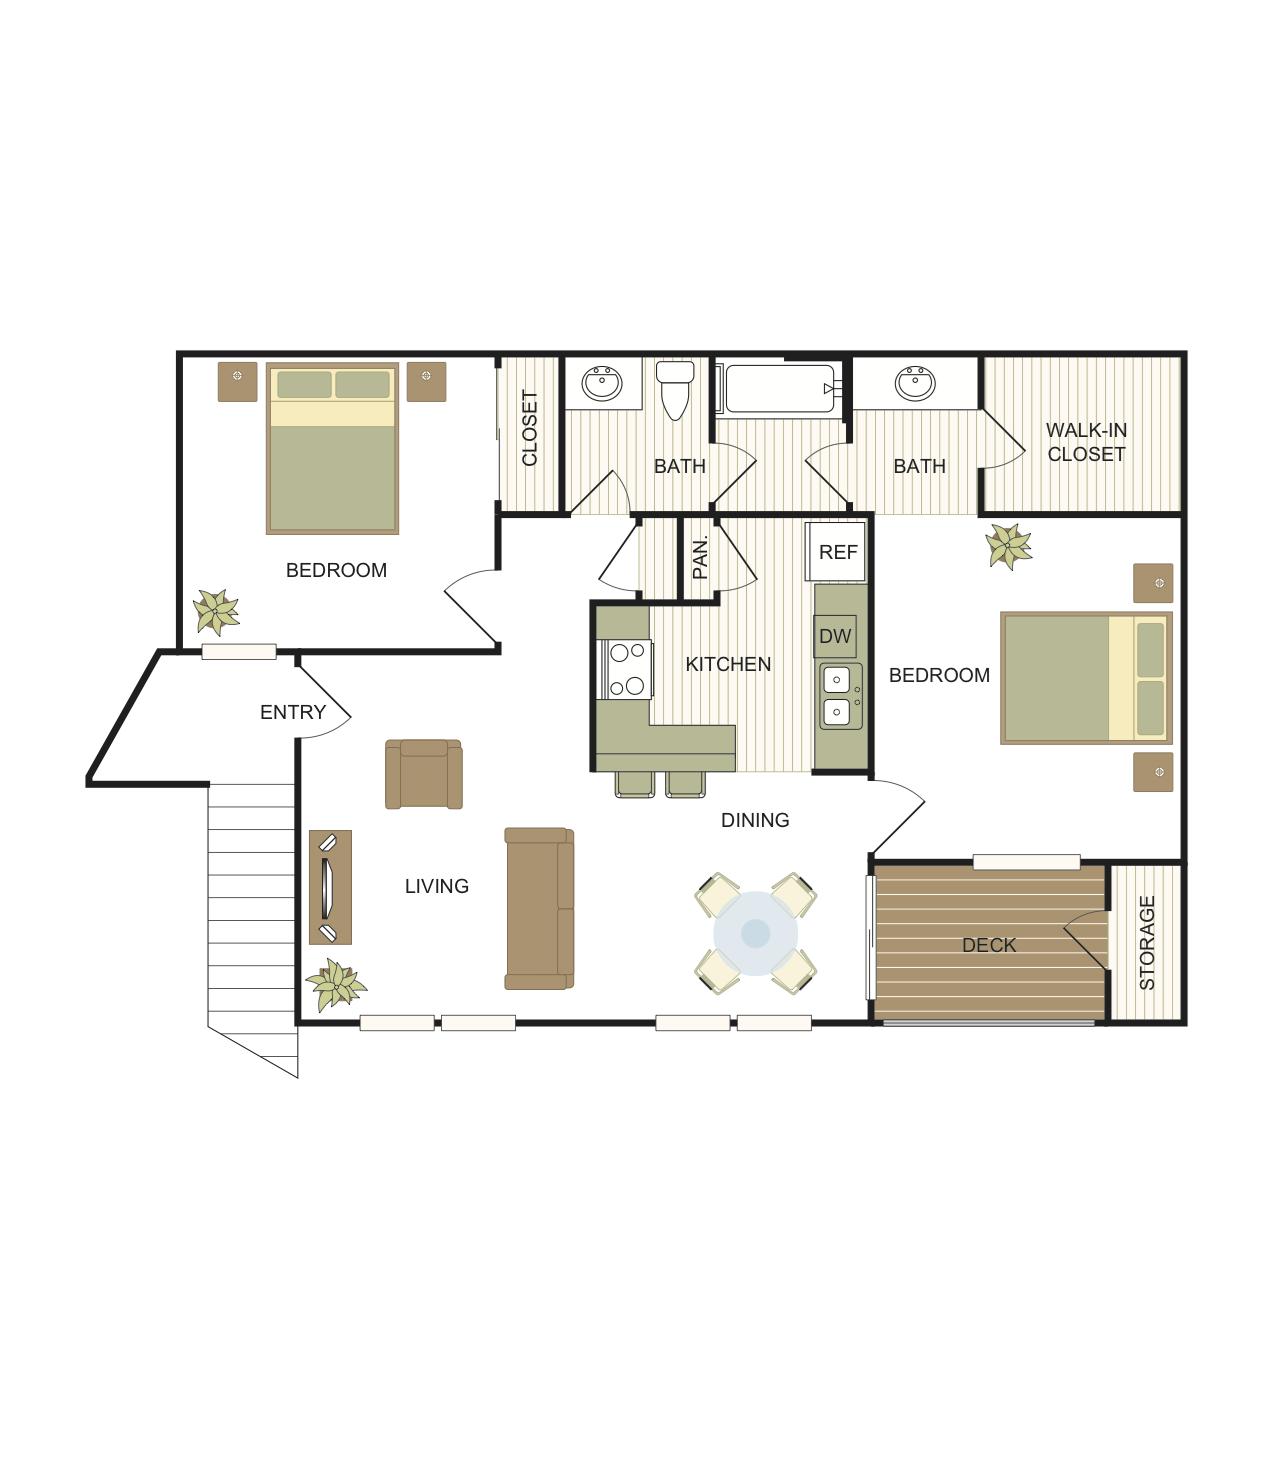 2 Bedrooms | 1 Bath Floor Plan 4